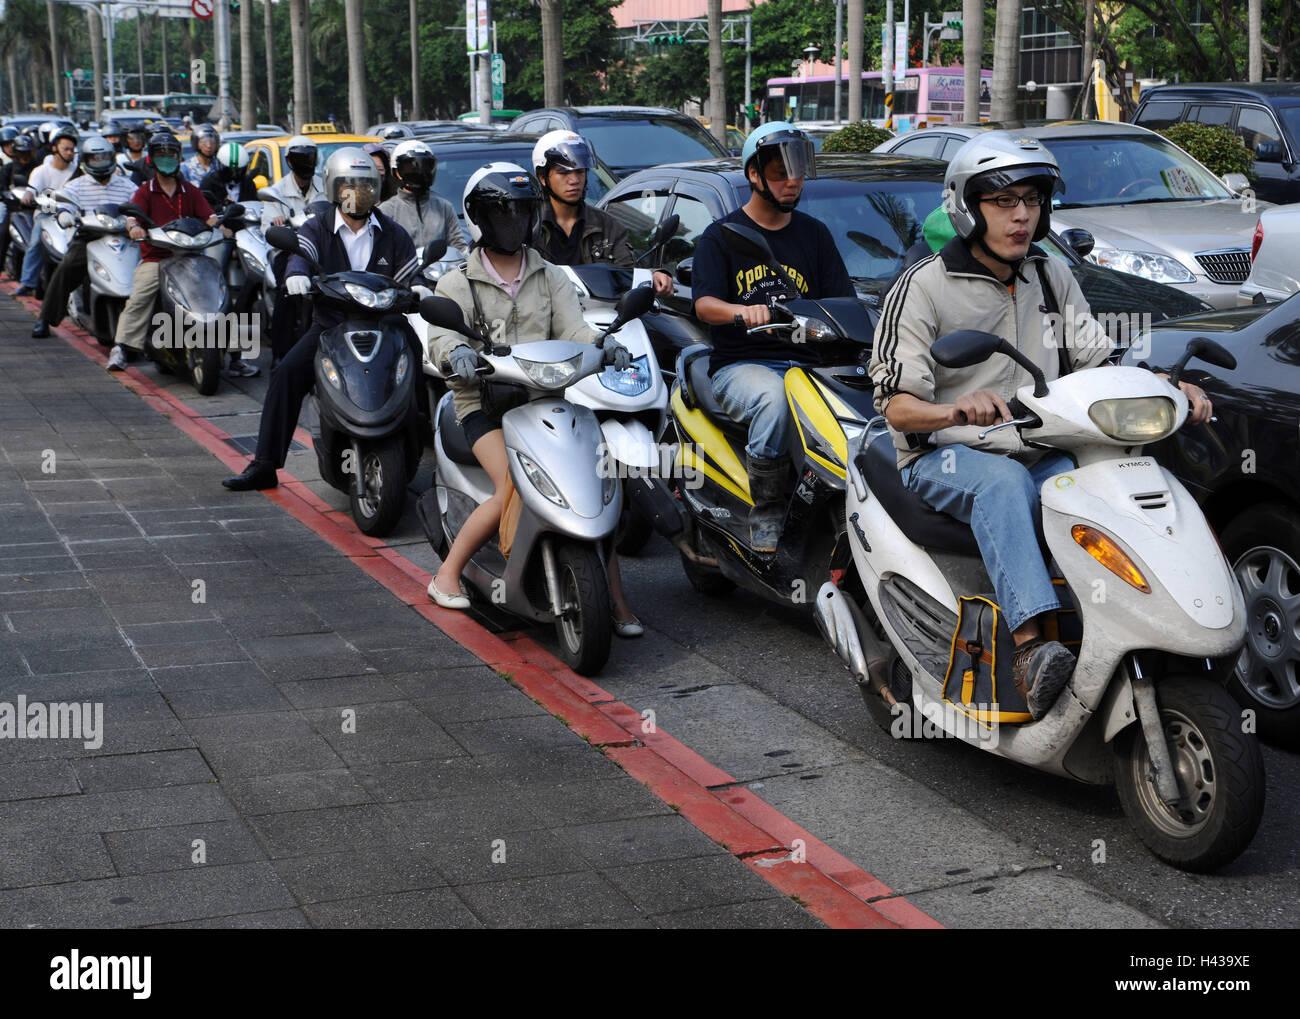 Motorcyclist, cars, Taipeh, Taiwan, - Stock Image